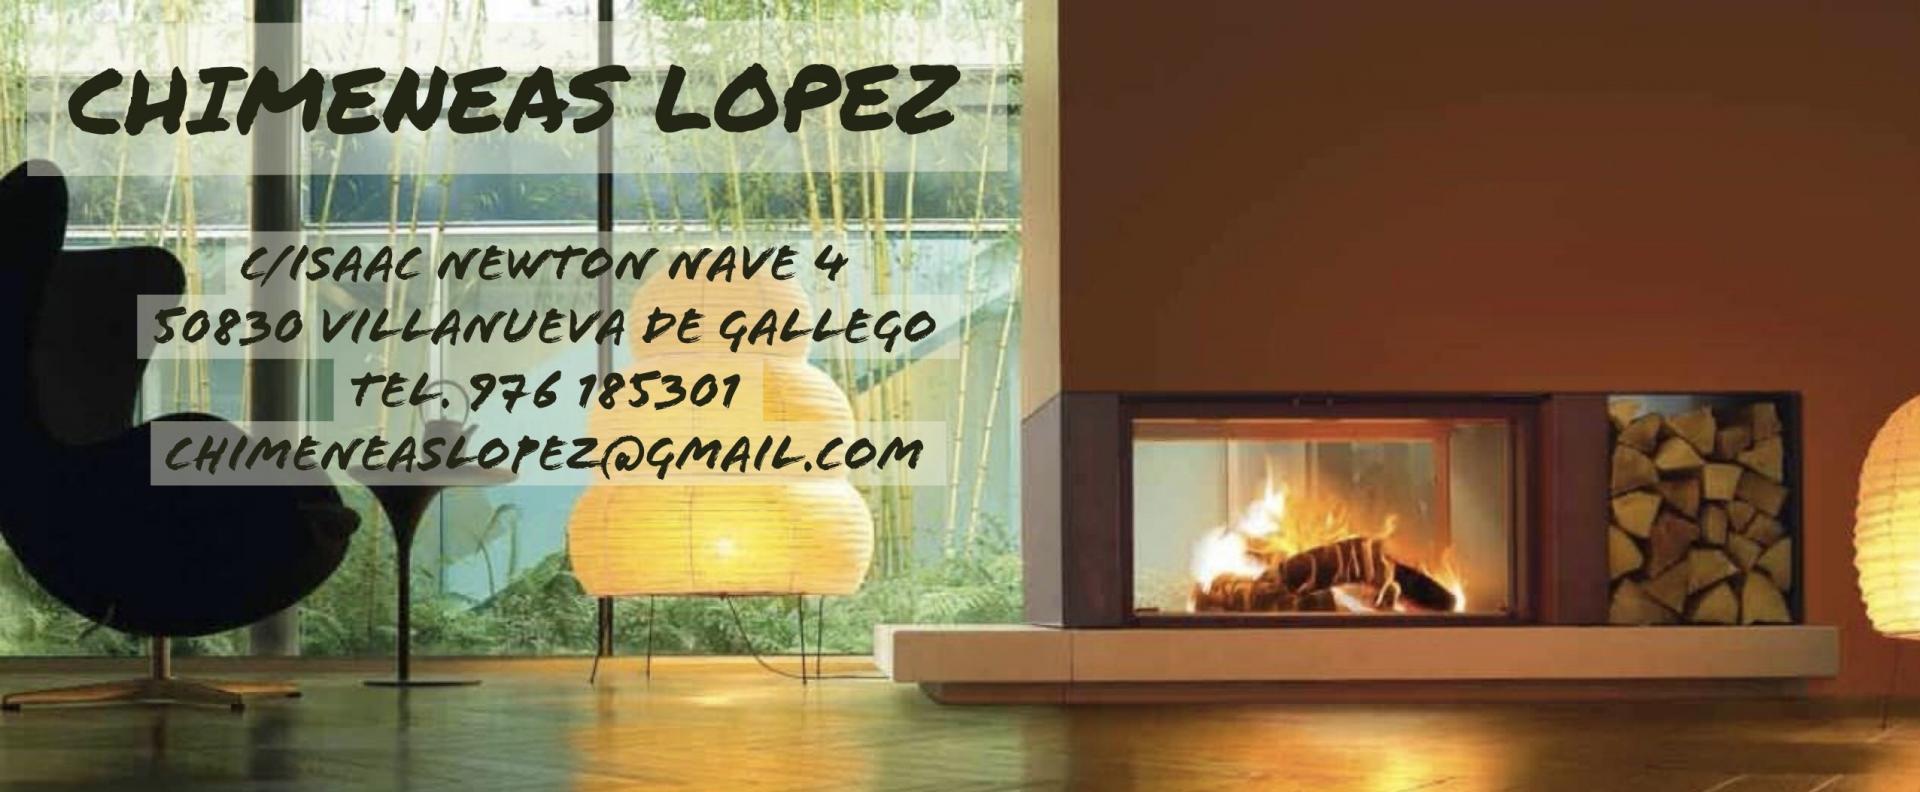 CHIMENEAS LOPEZ  / COMERCIAL LOPEZ SEDILES S.L.